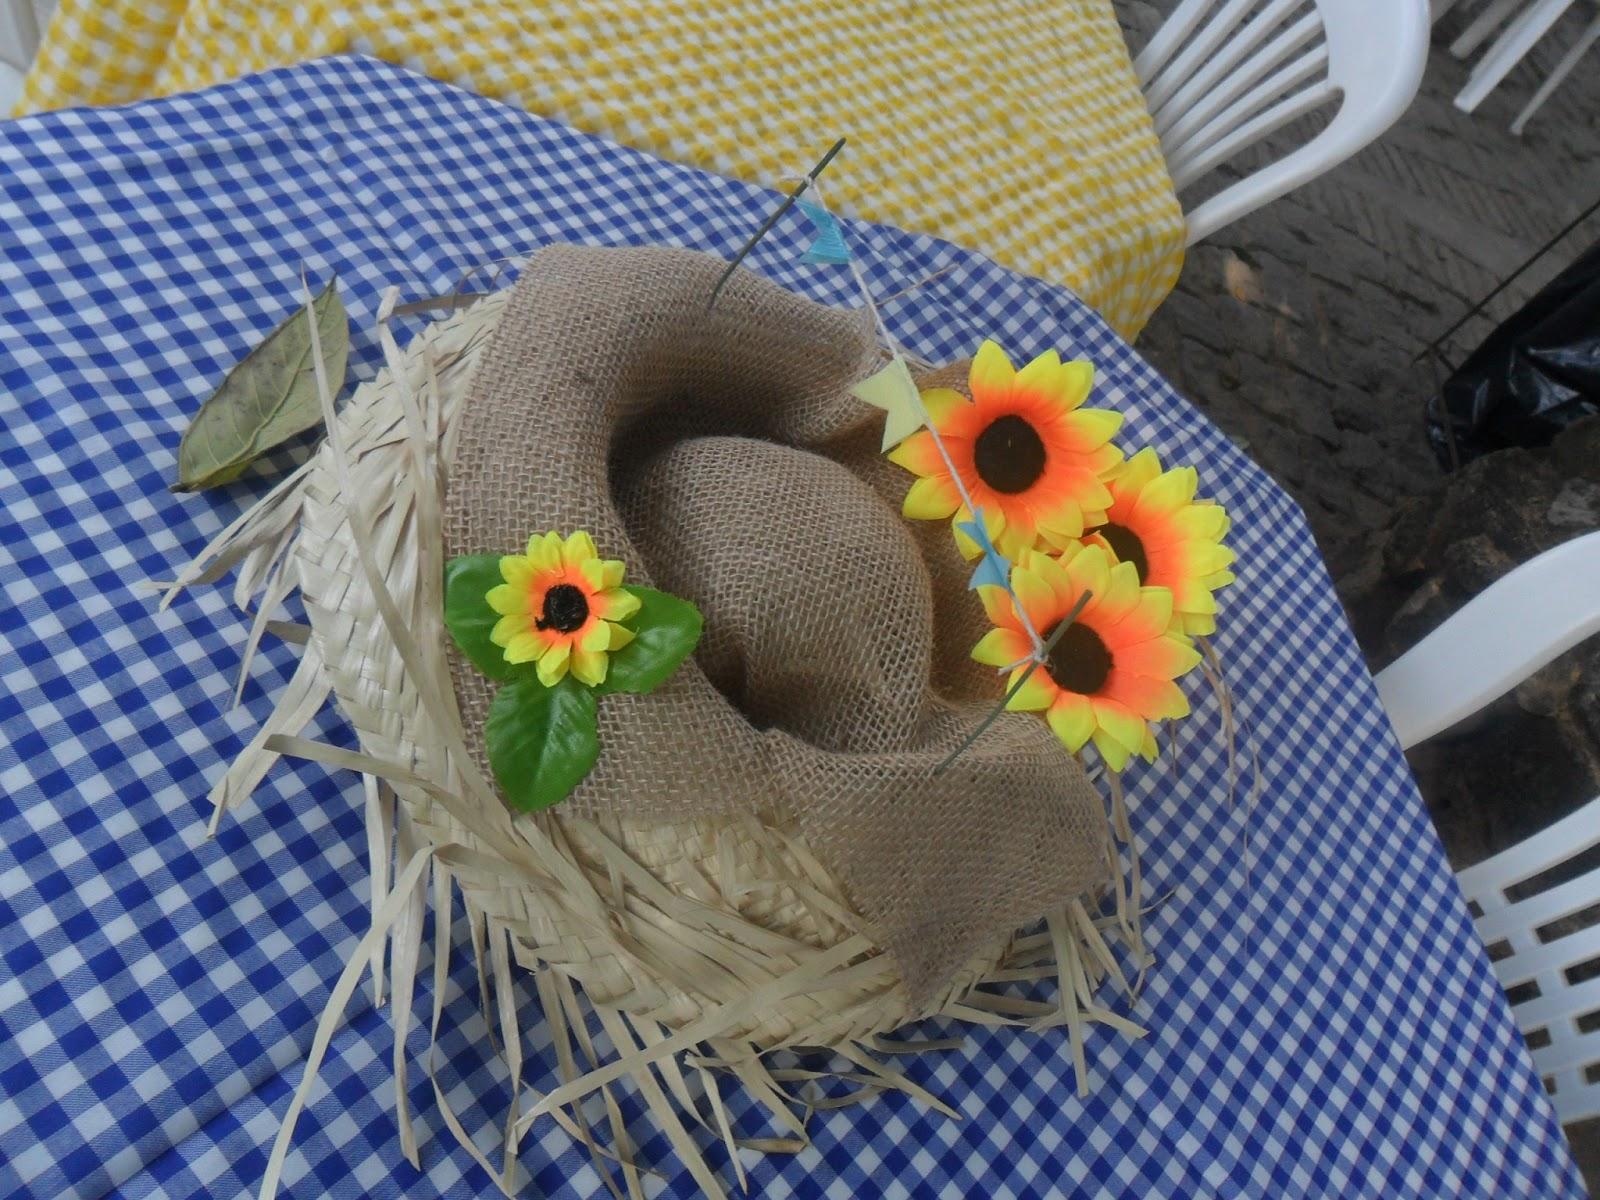 O típico chapéu de palha pode ser decorado com juta e flores e virar um indo enfeite de festa junina de mesa.